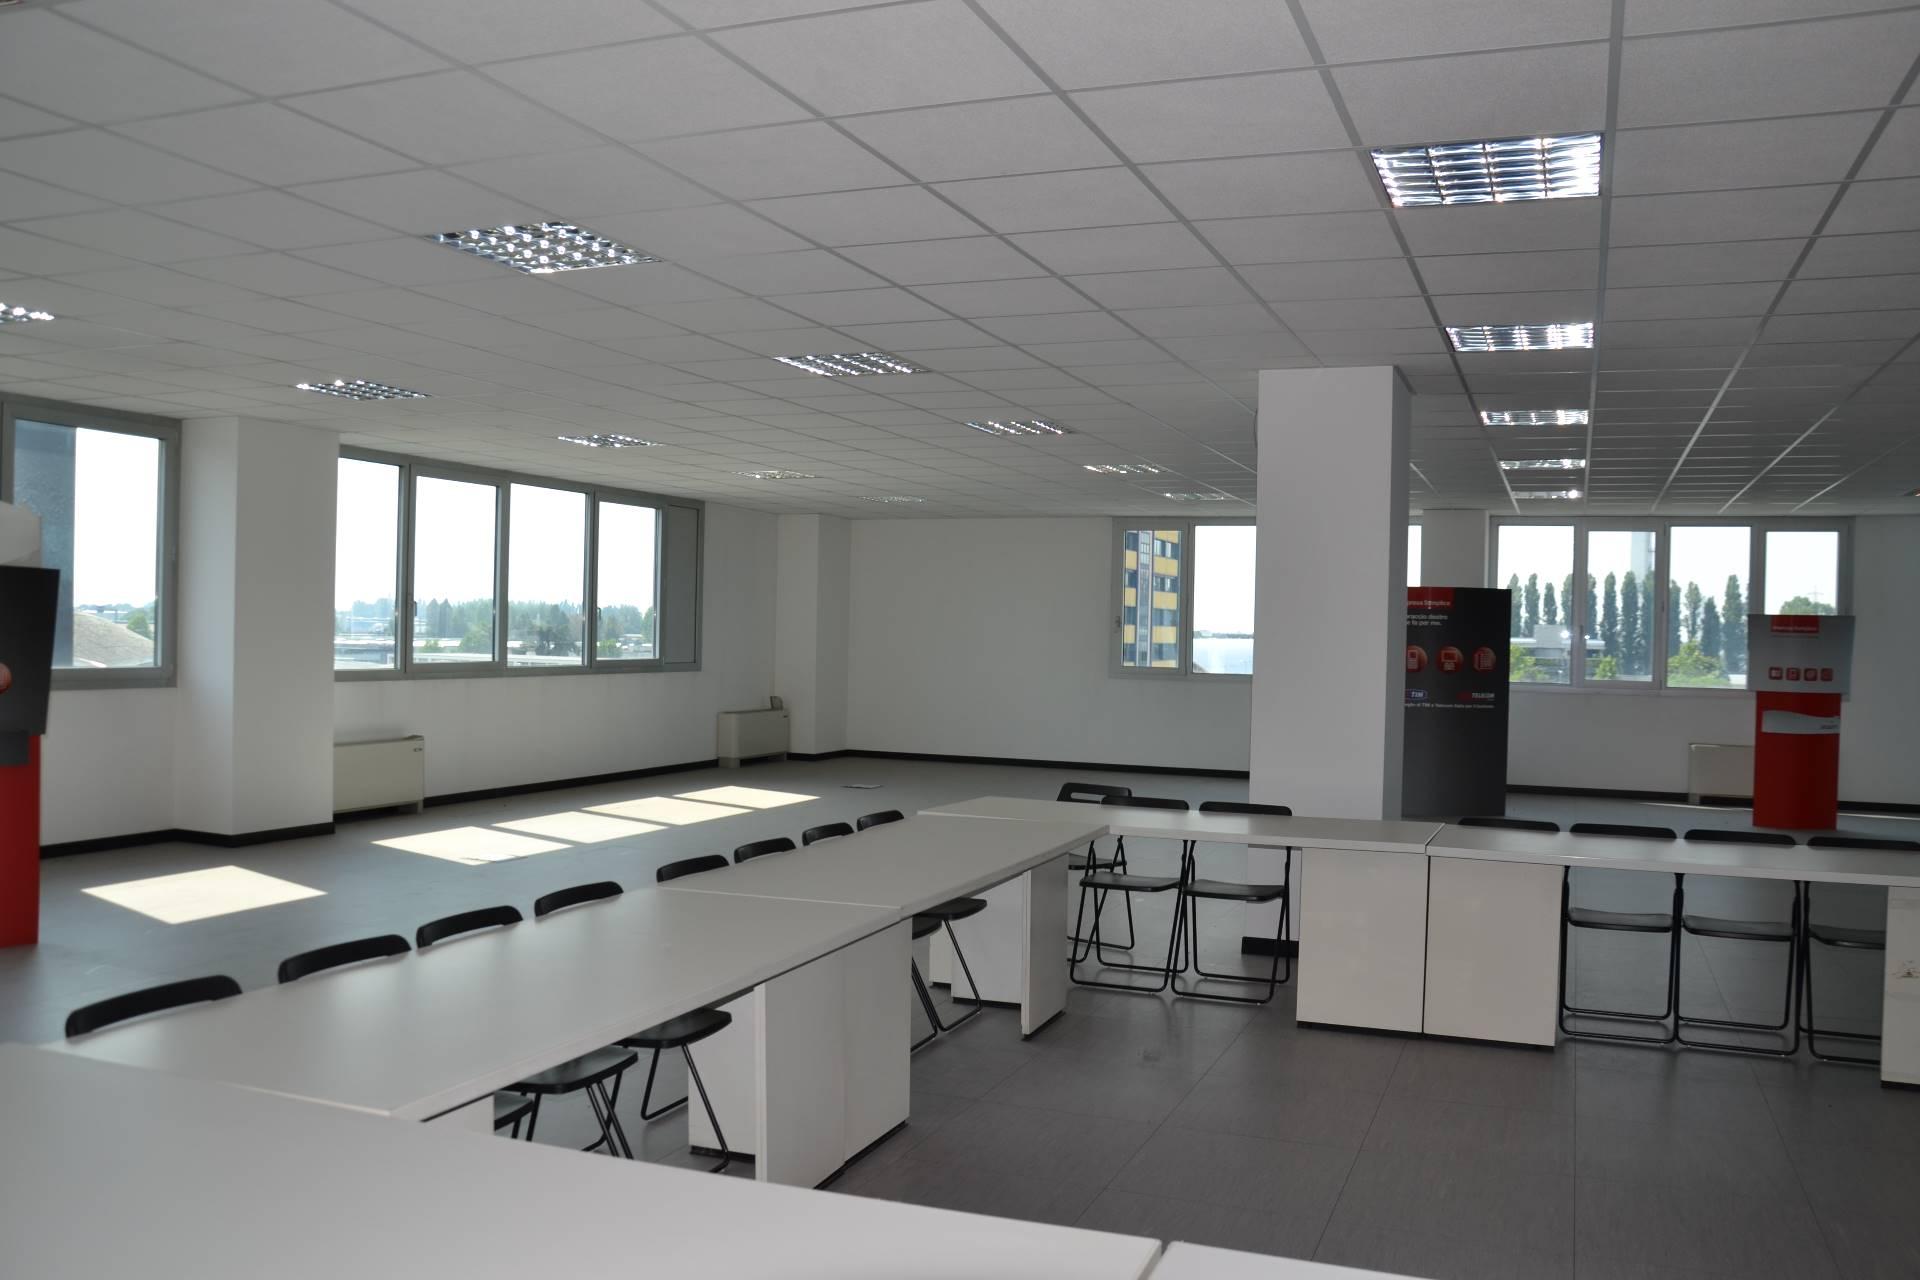 Ufficio Zona Industriale Padova : Studio ufficio in vendita a padova cod. 546